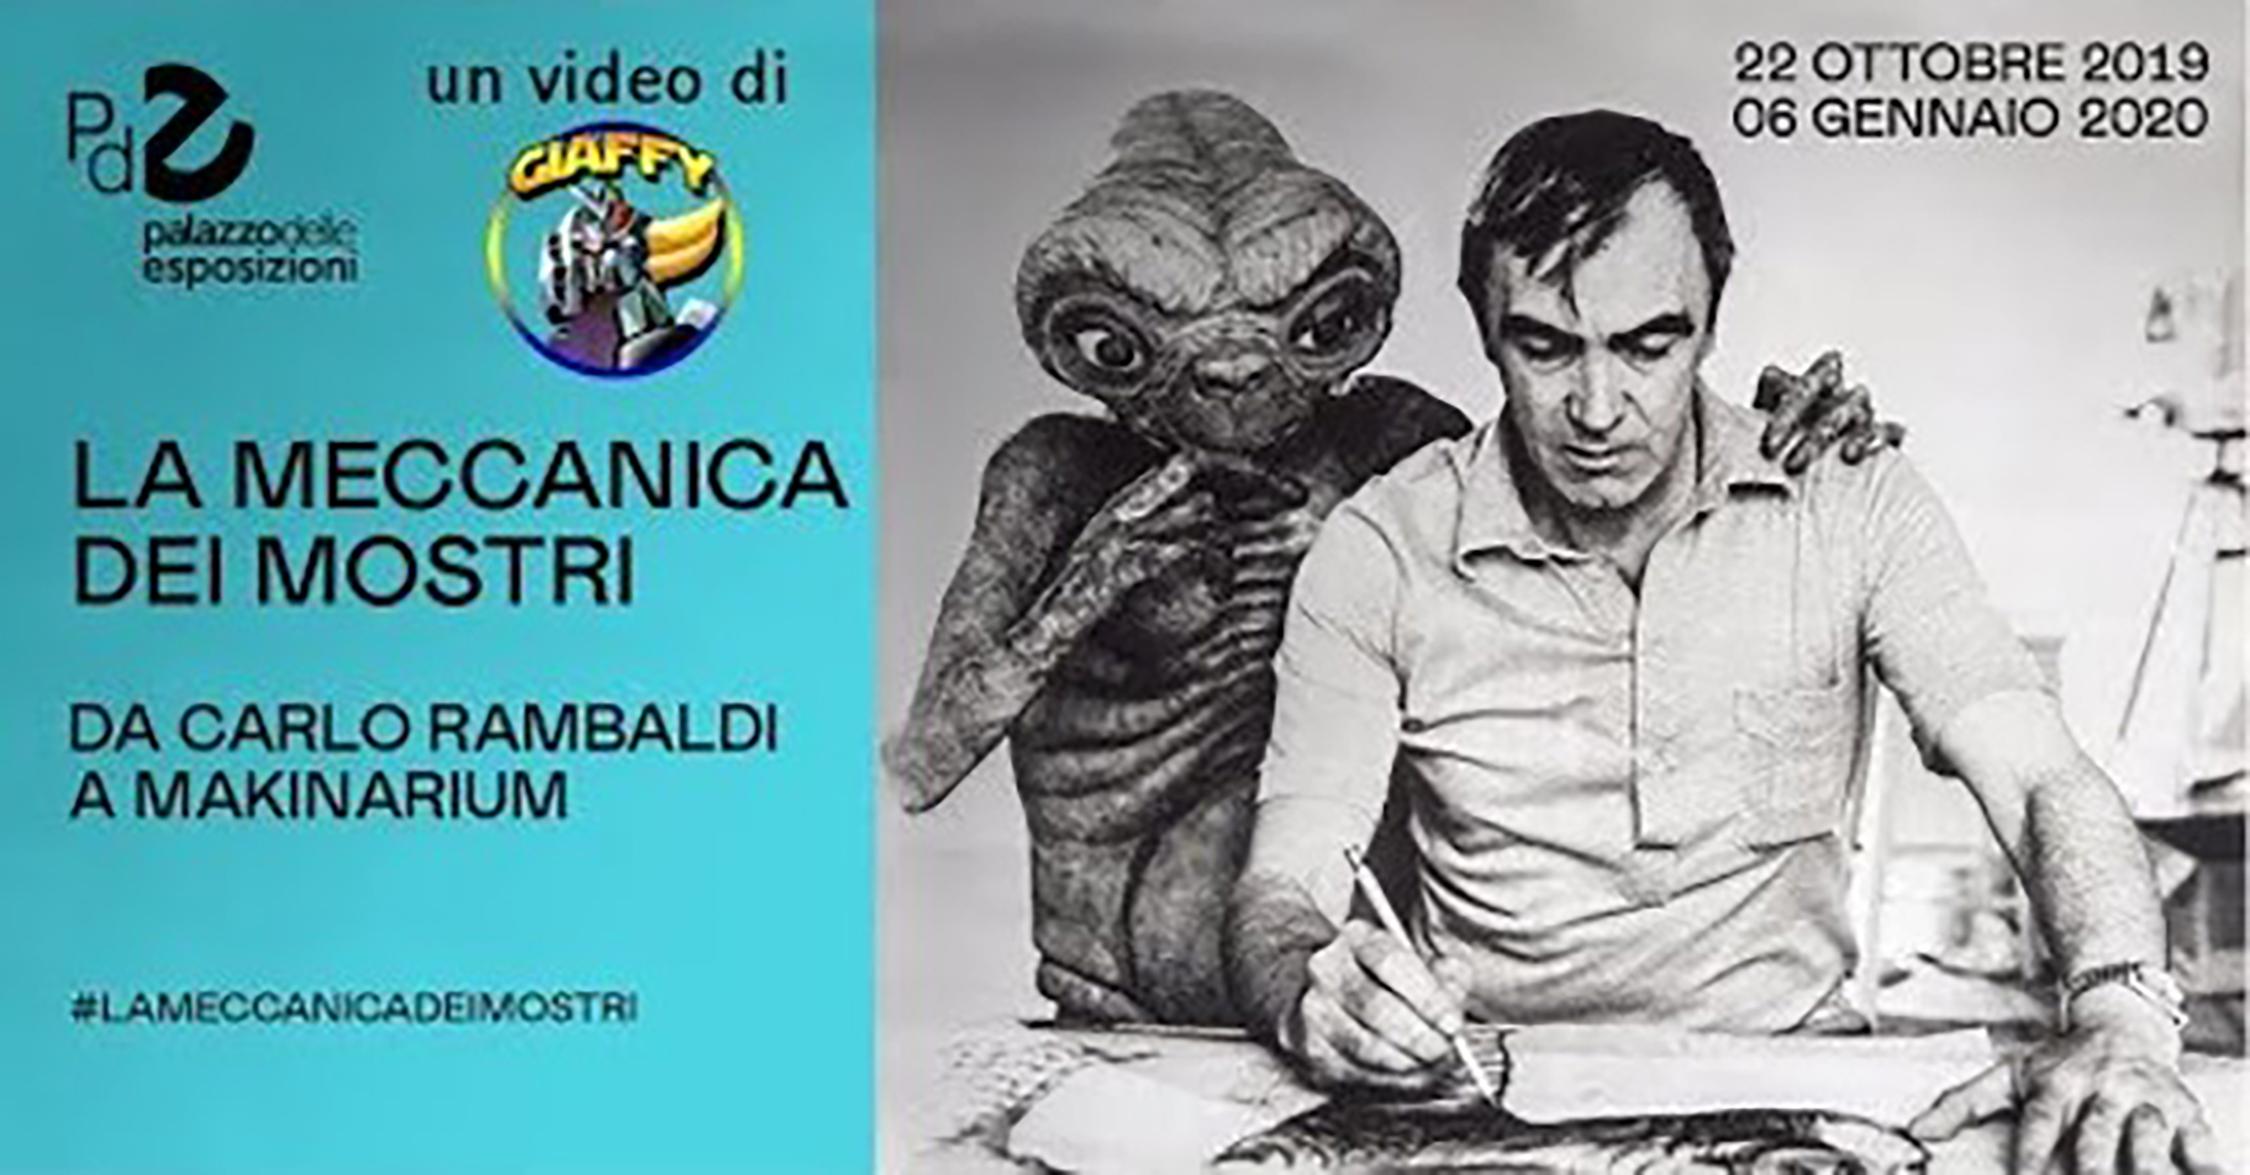 lameccanicadeimostri_video_youtube